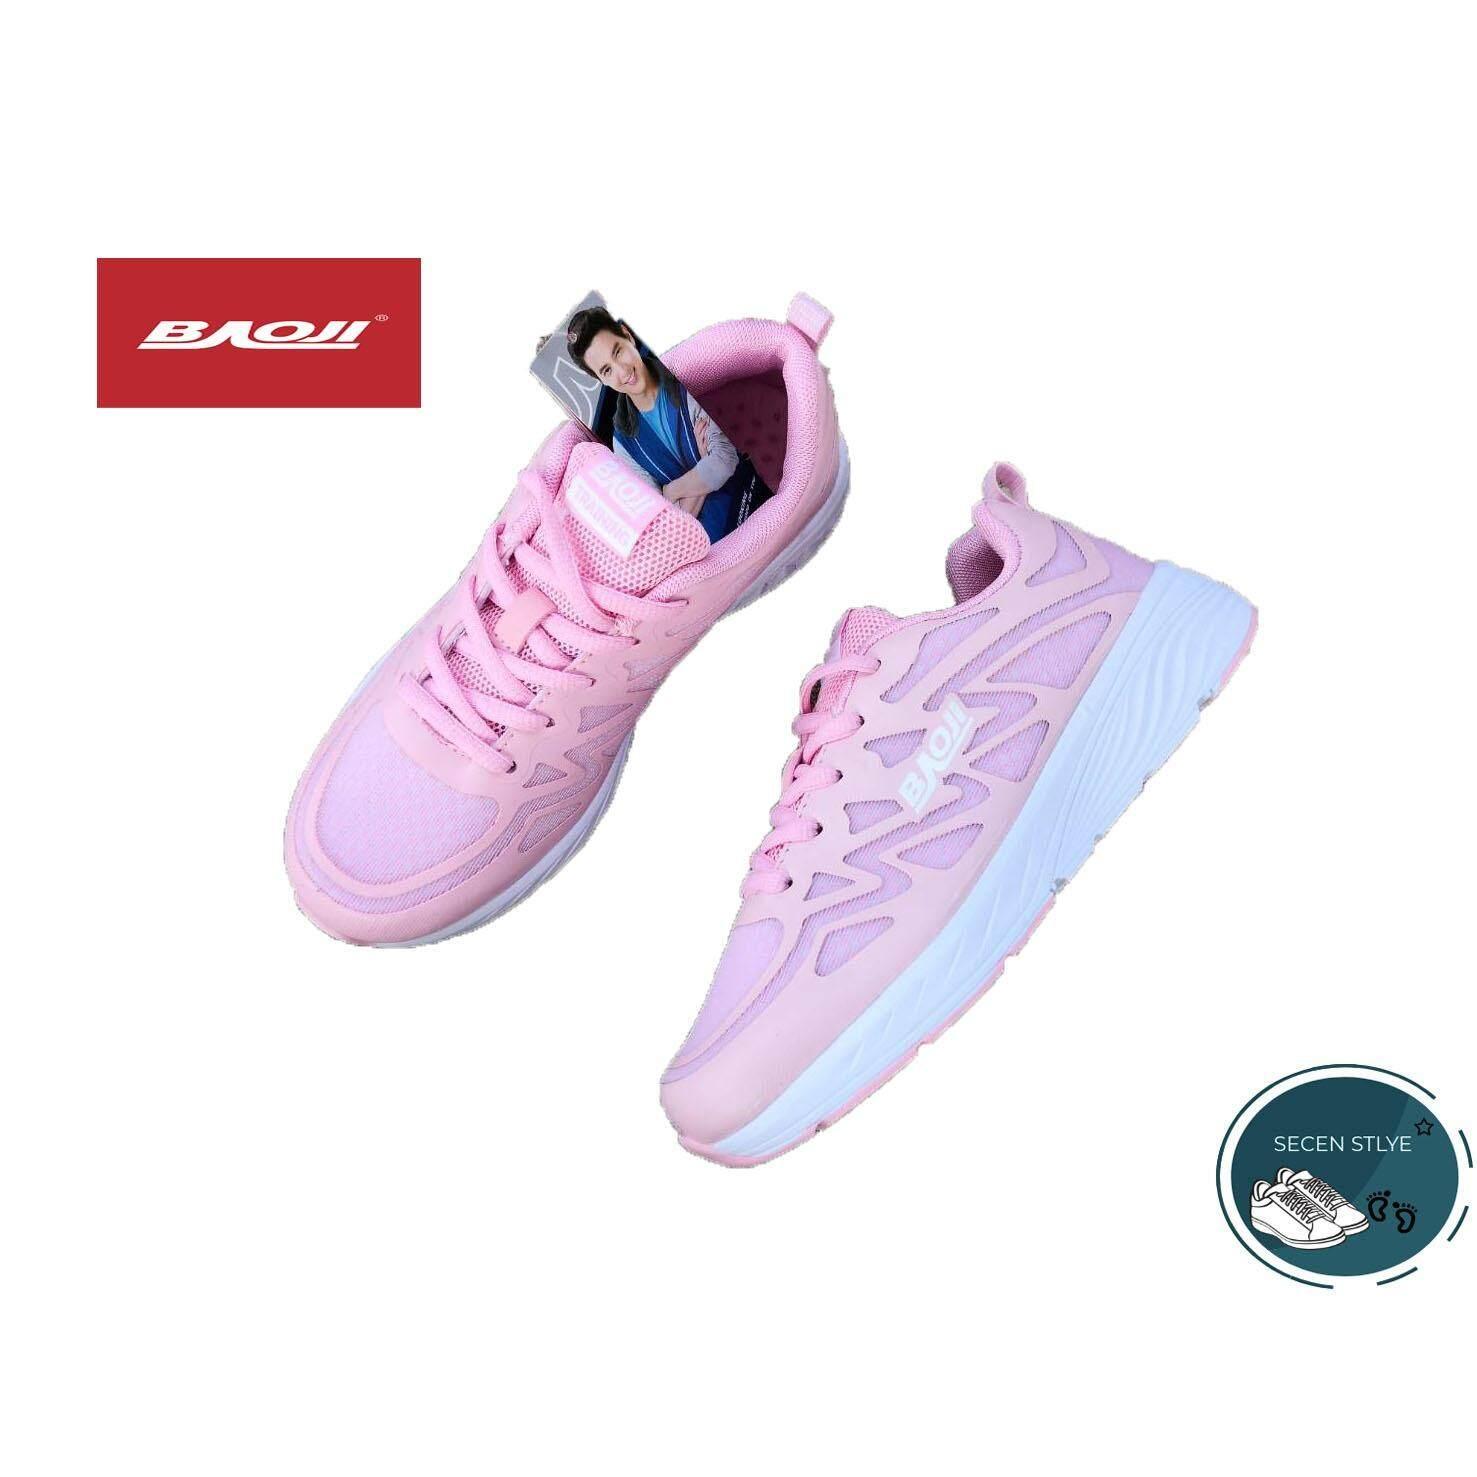 ขาย Baoji แท้ รุ่น Bjw 347 สำหรับผู้หญิง รองเท้าผ้าใบ สวมใส่สบาย เบา สีชมพู ใน ไทย